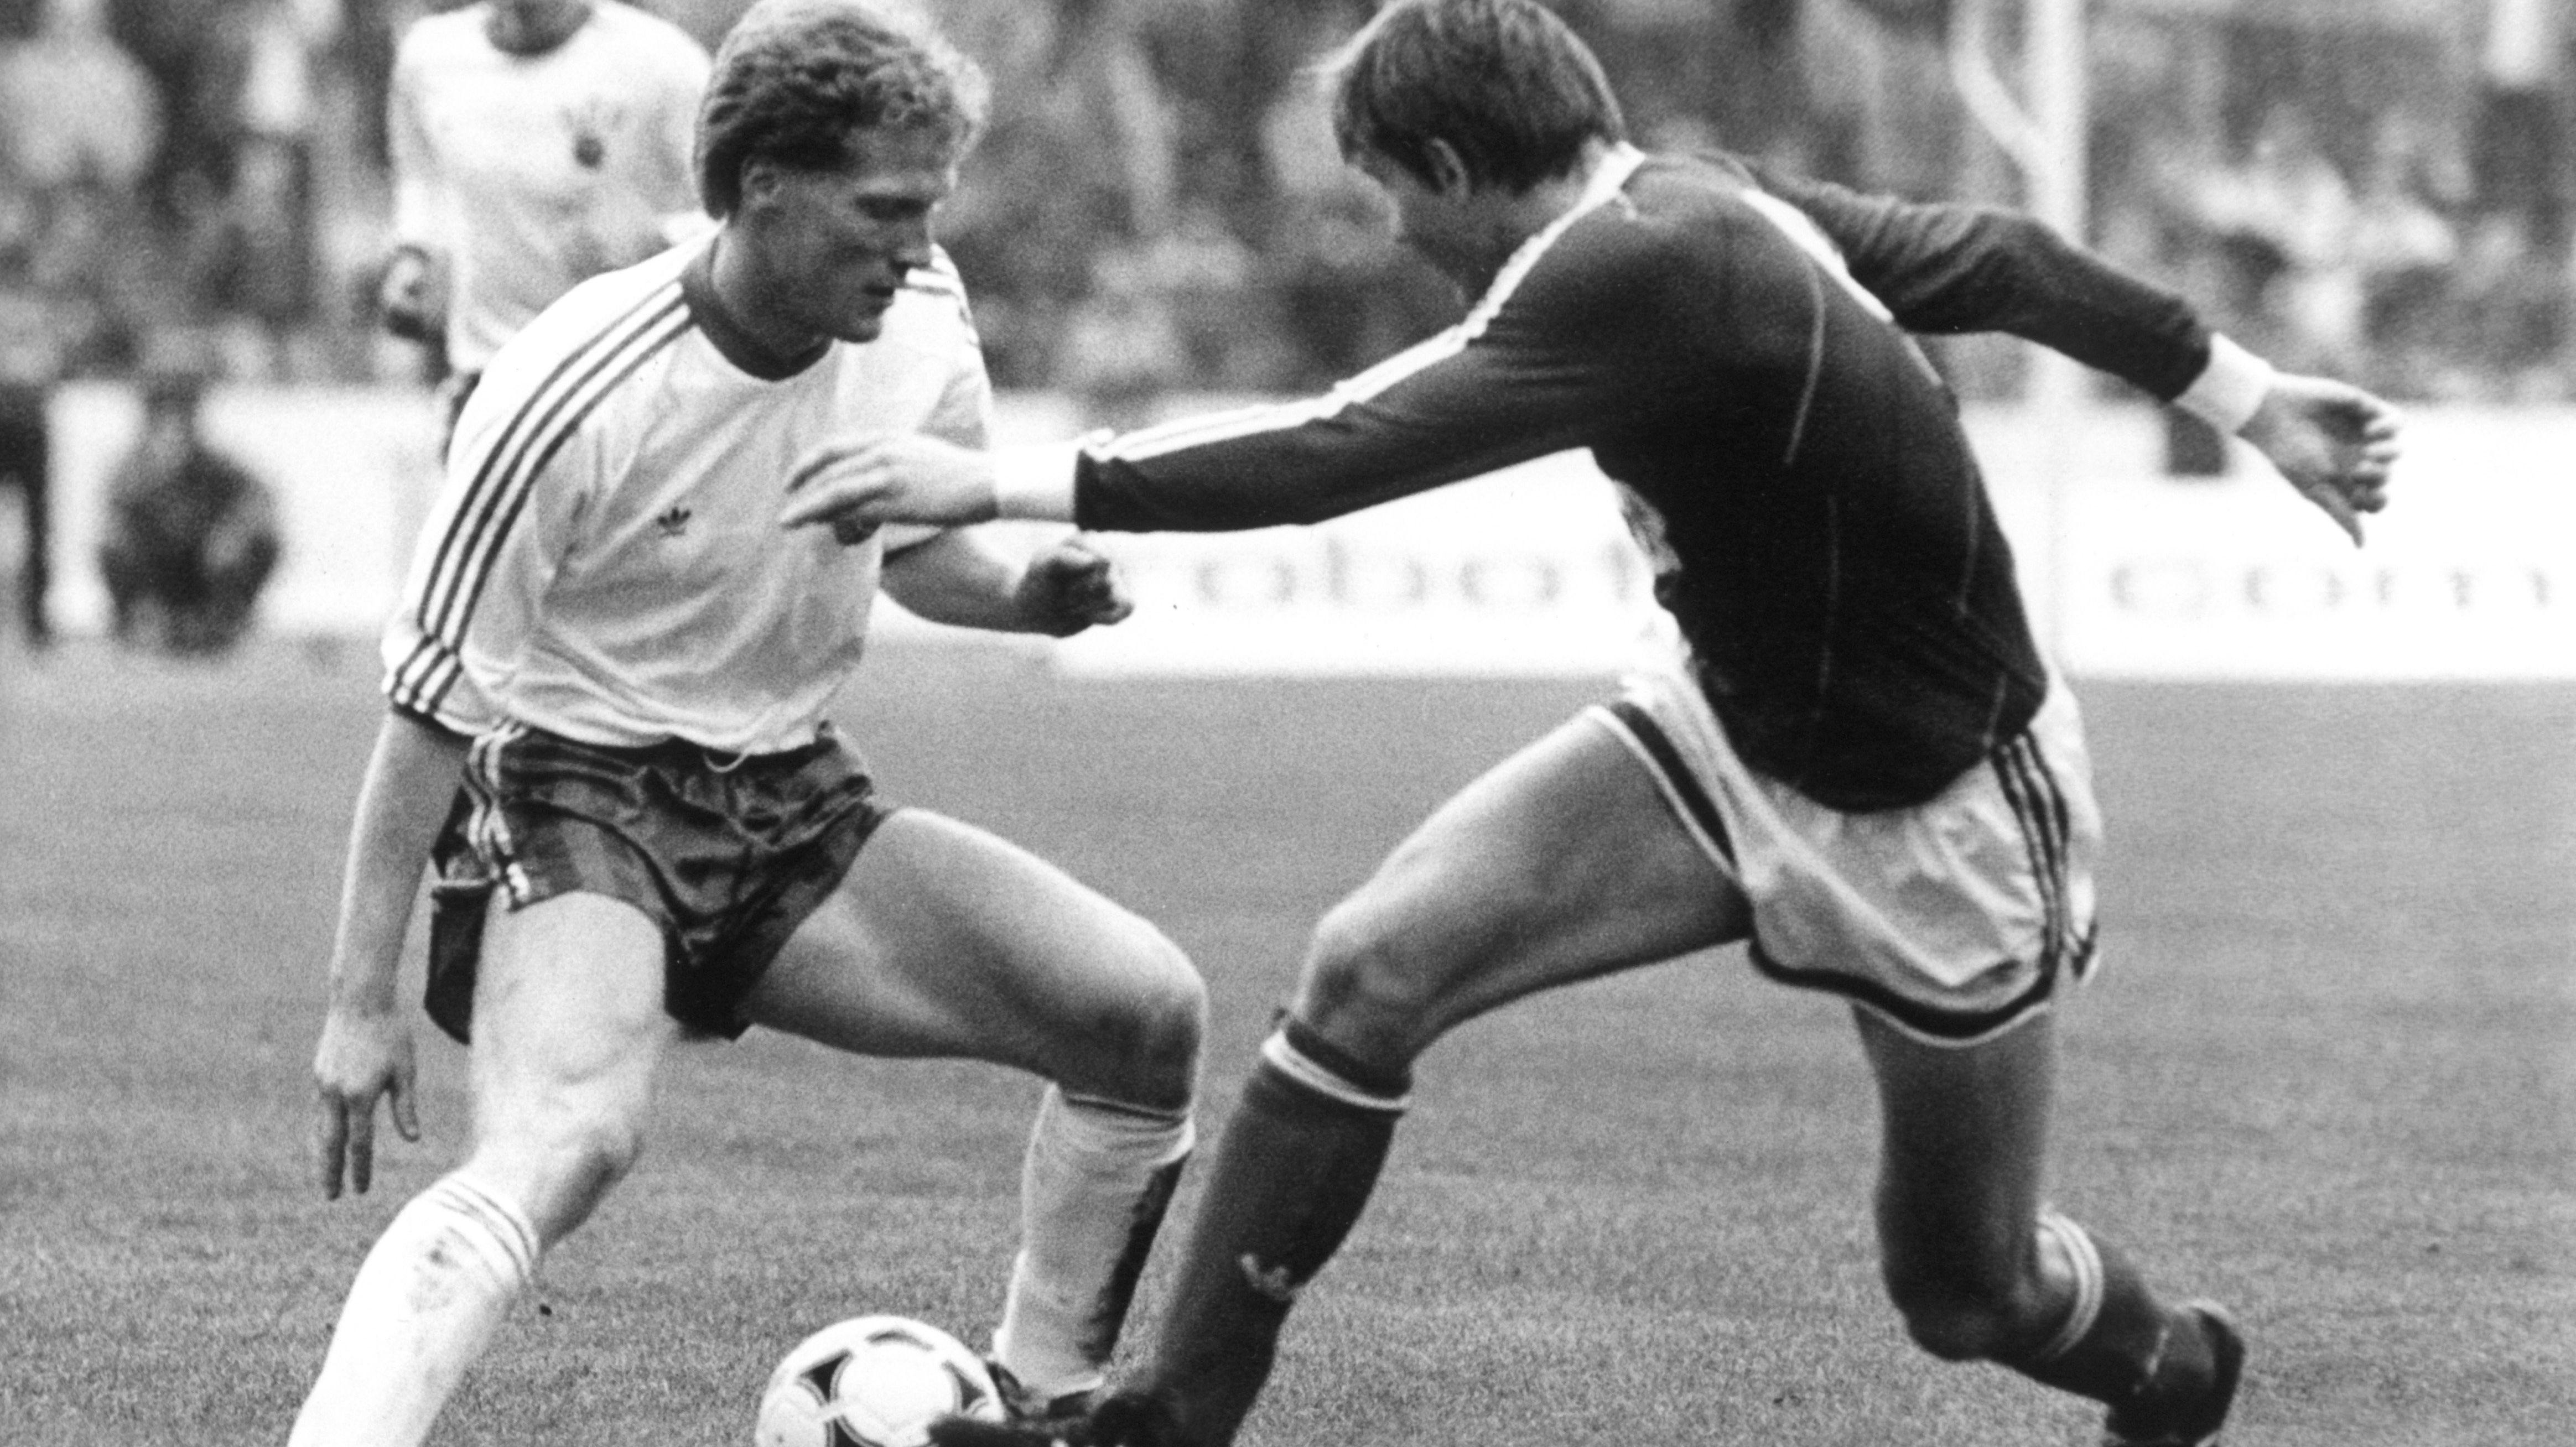 Auch einen Monat zuvor, am 10. Oktober, ist Matthias Sammer ein zentraler Akteur: Beim 2:1 der DDR-Auswahl gegen die UdSSR in Karl-Marx-Stadt.